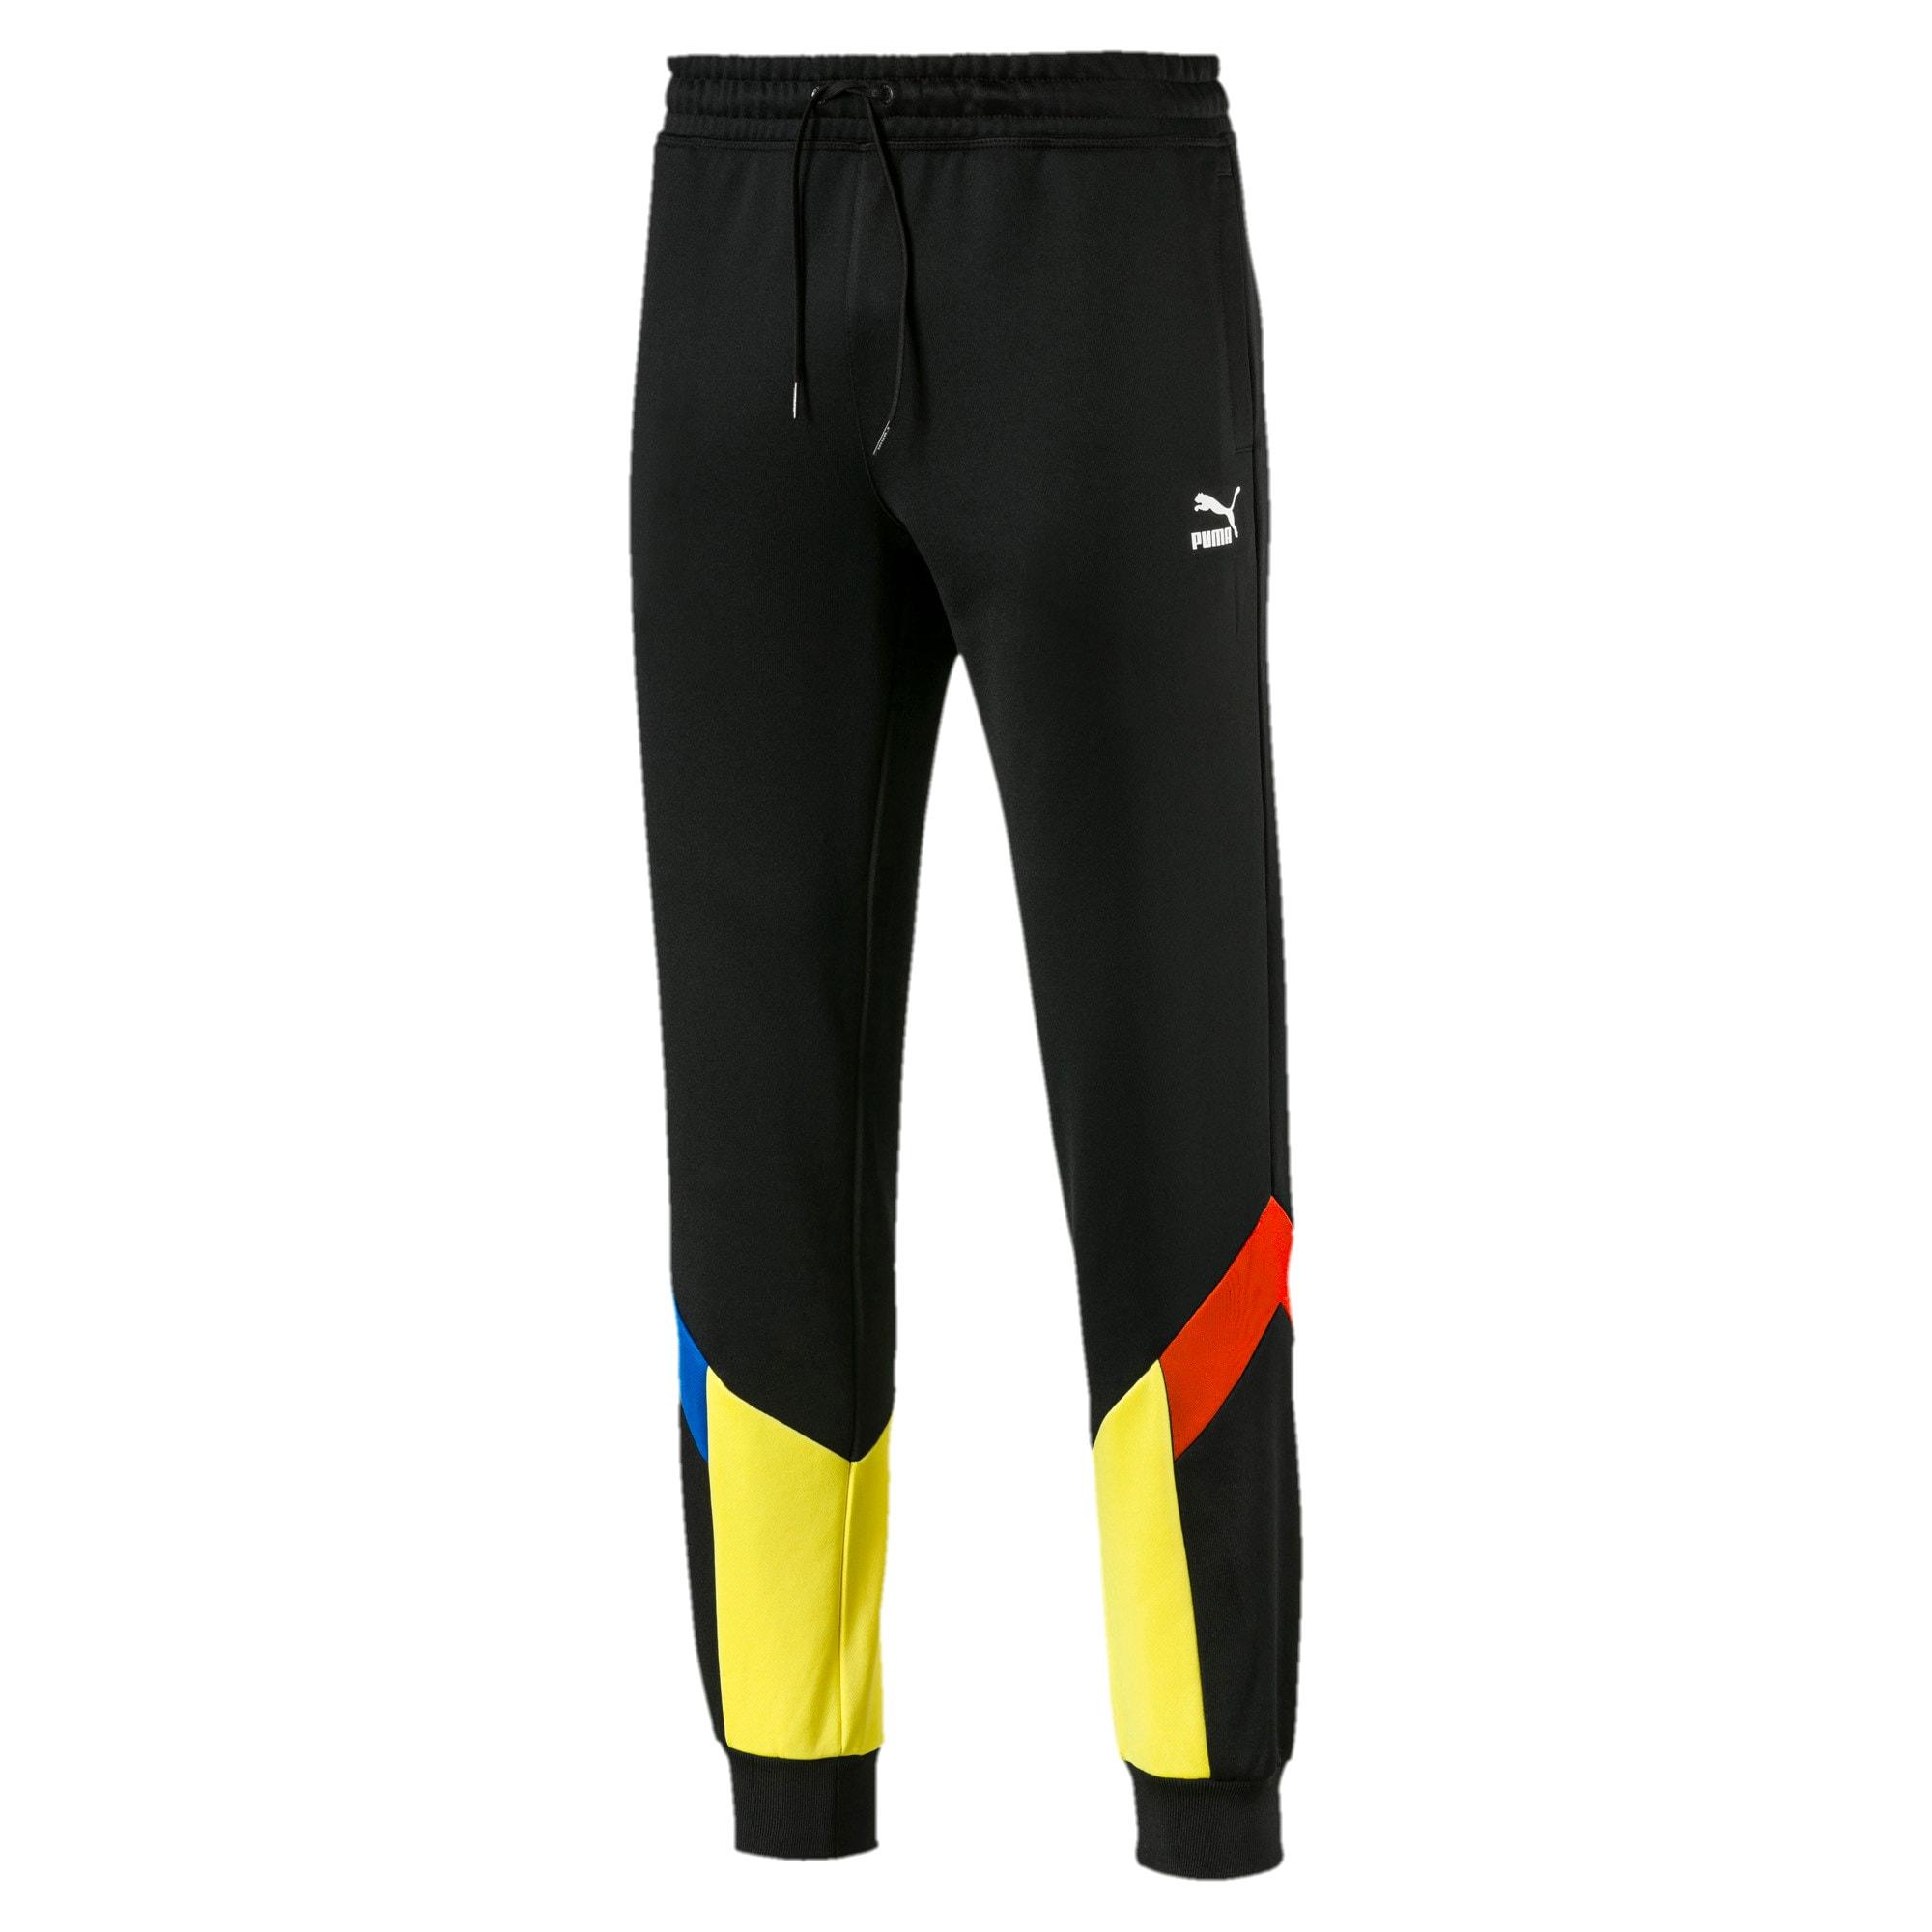 Thumbnail 1 of Iconic MCS Men's Track Pants, Puma Black - 2, medium